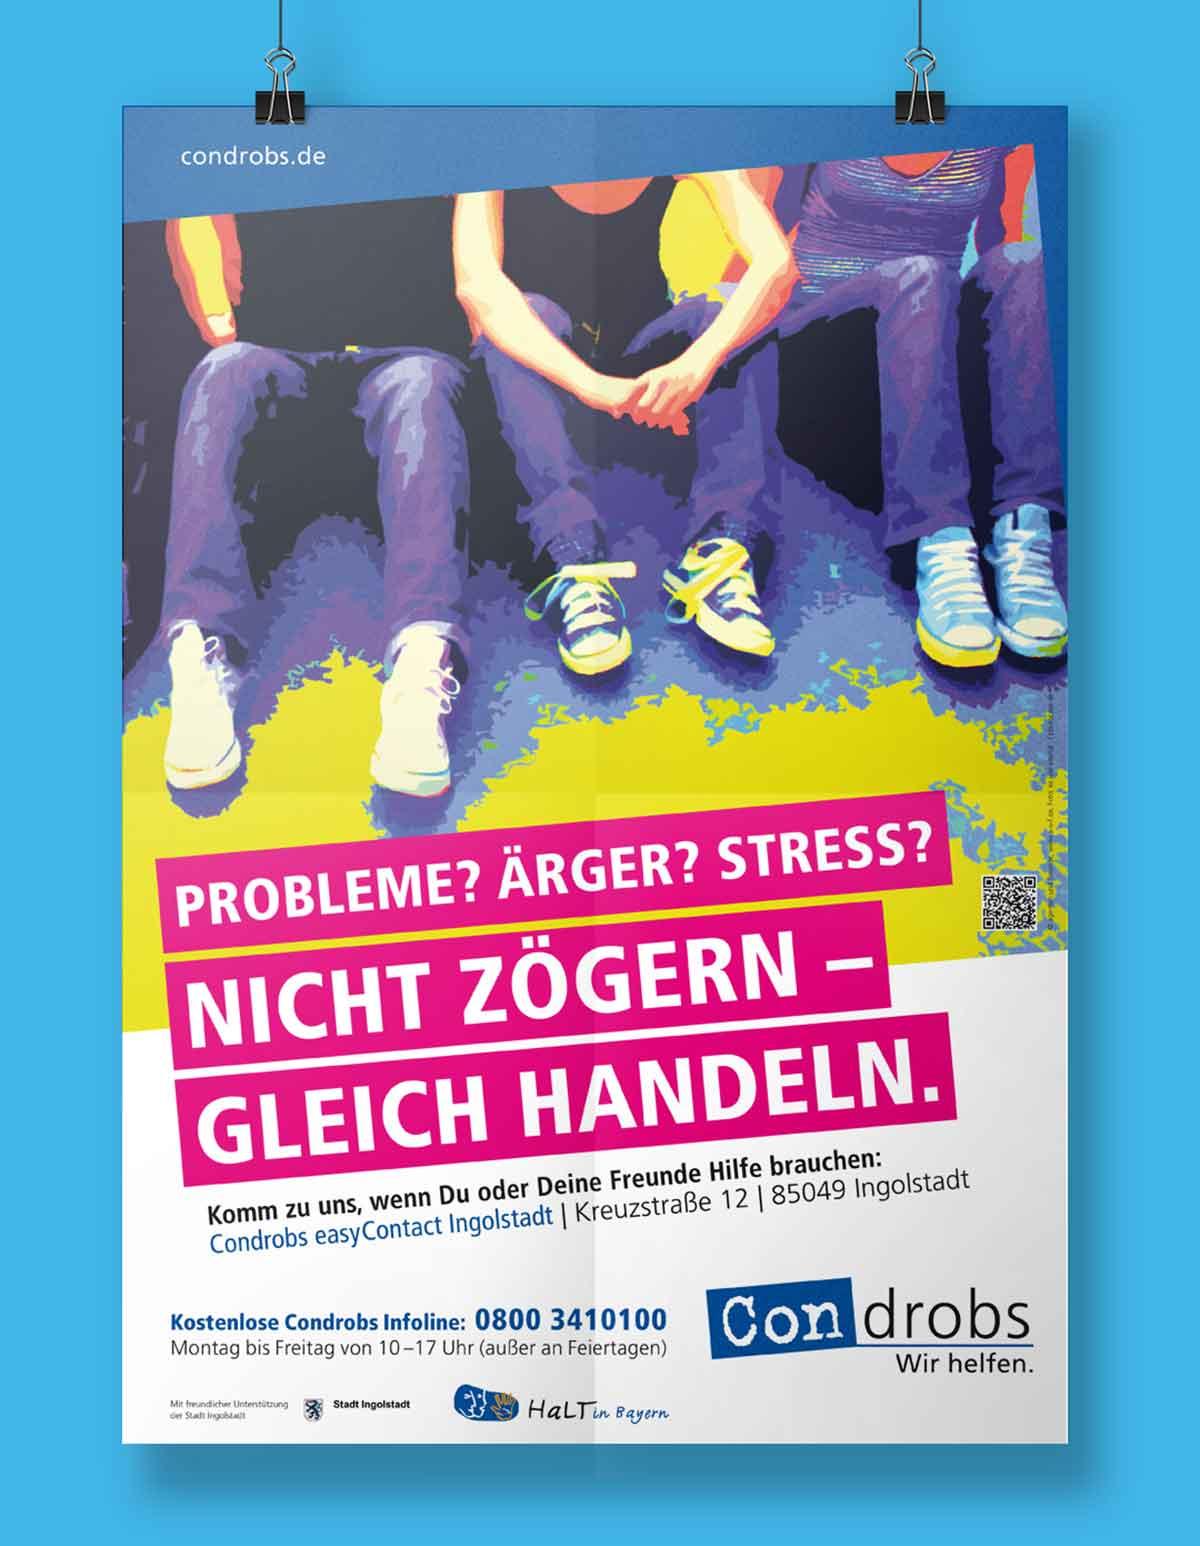 Nicht Zögern - Gleich Handeln - Präventionsplakat condrobs - Design c-c-design.de